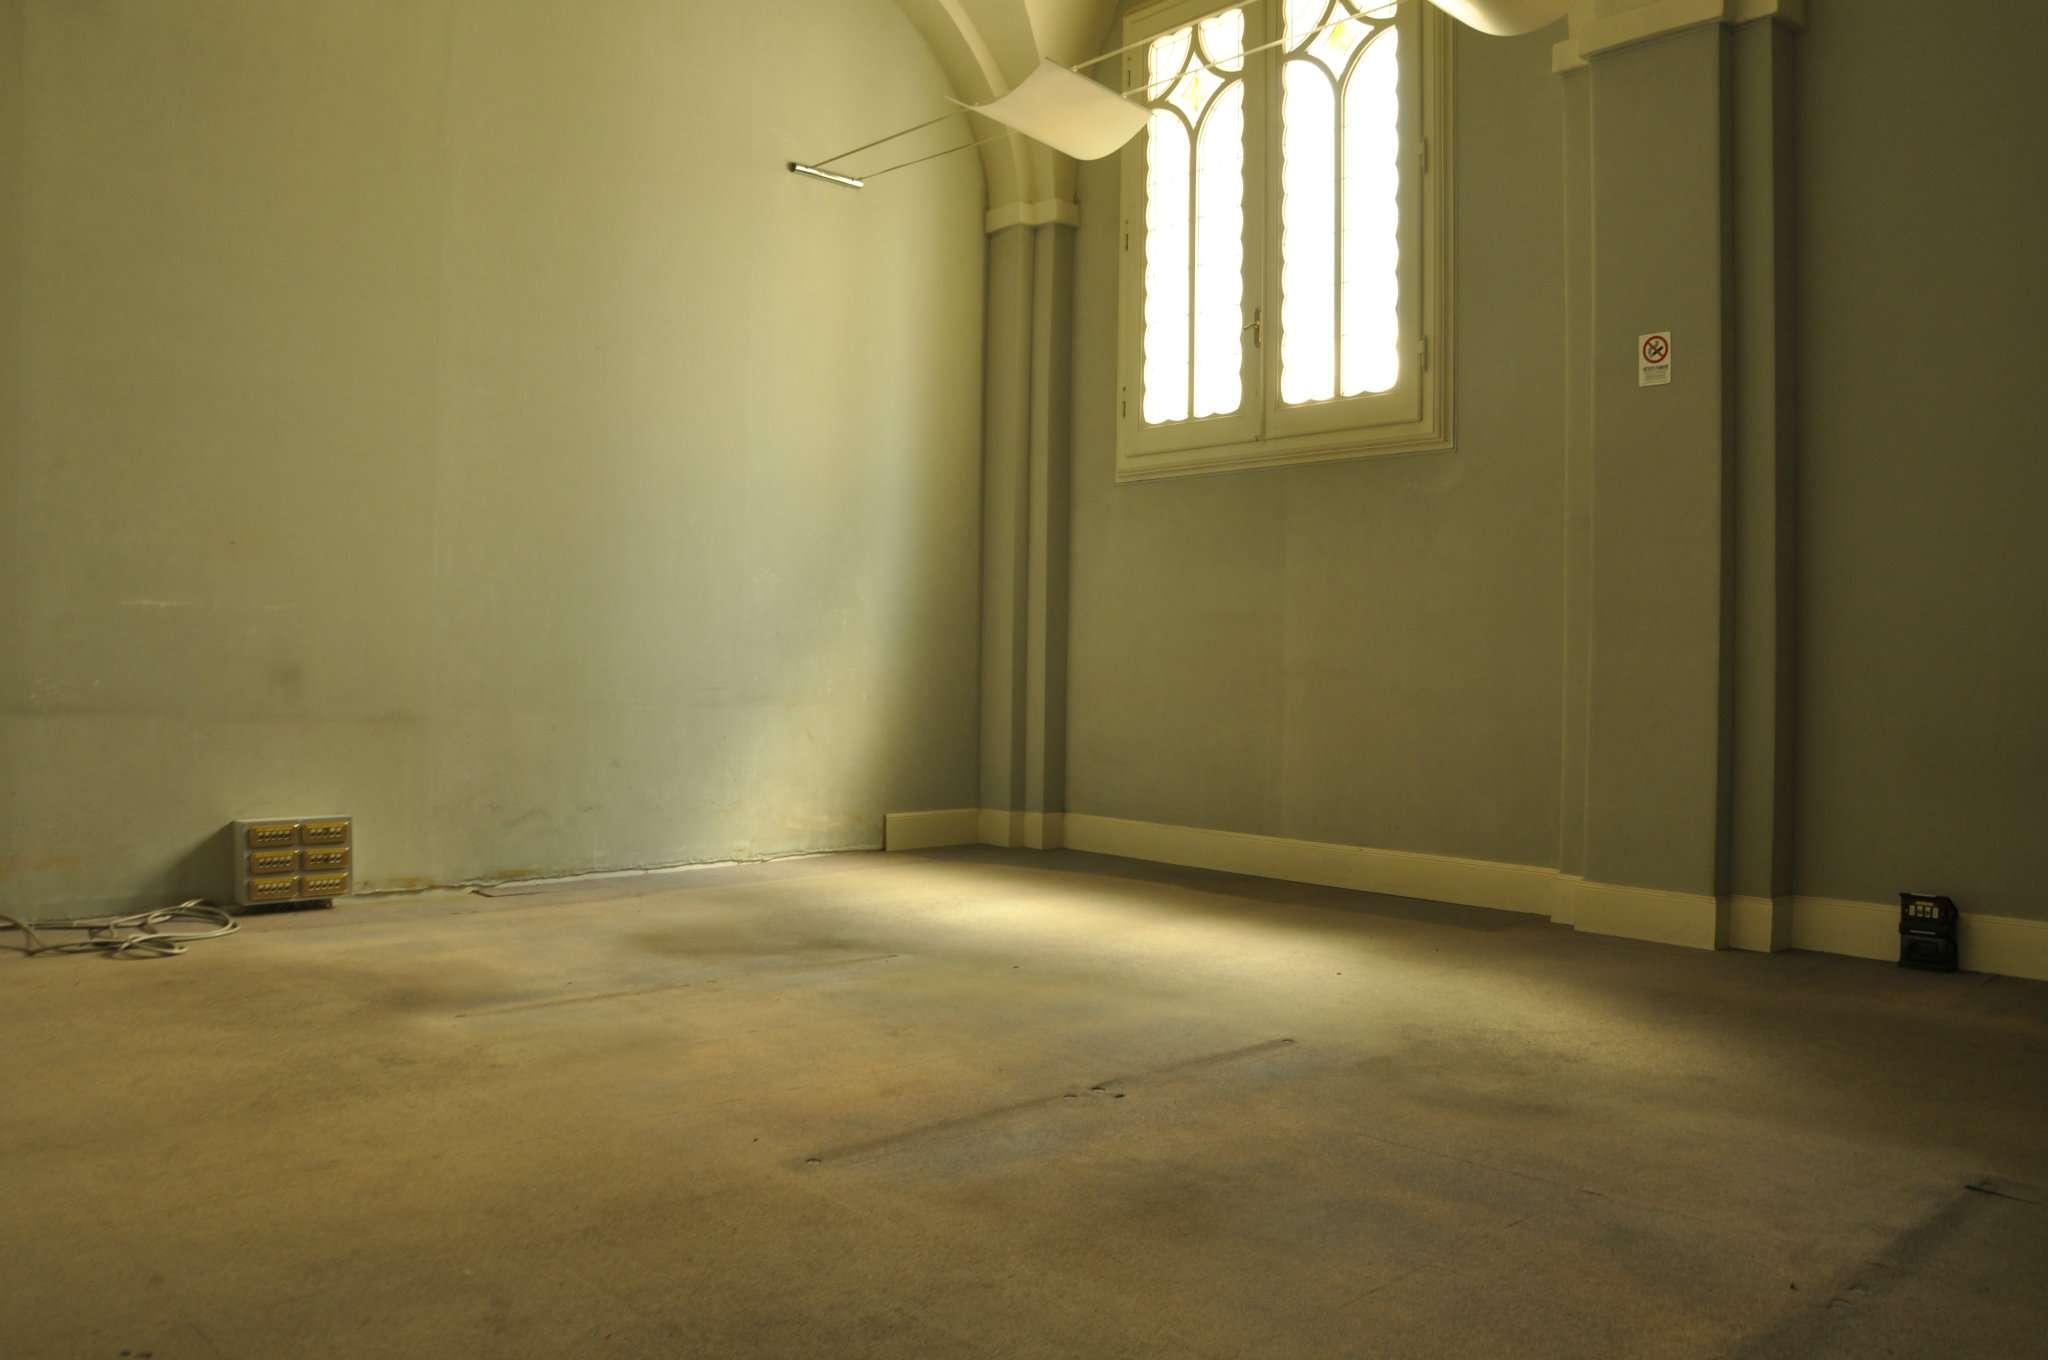 Ufficio / Studio in vendita a Pistoia, 8 locali, prezzo € 460.000 | CambioCasa.it